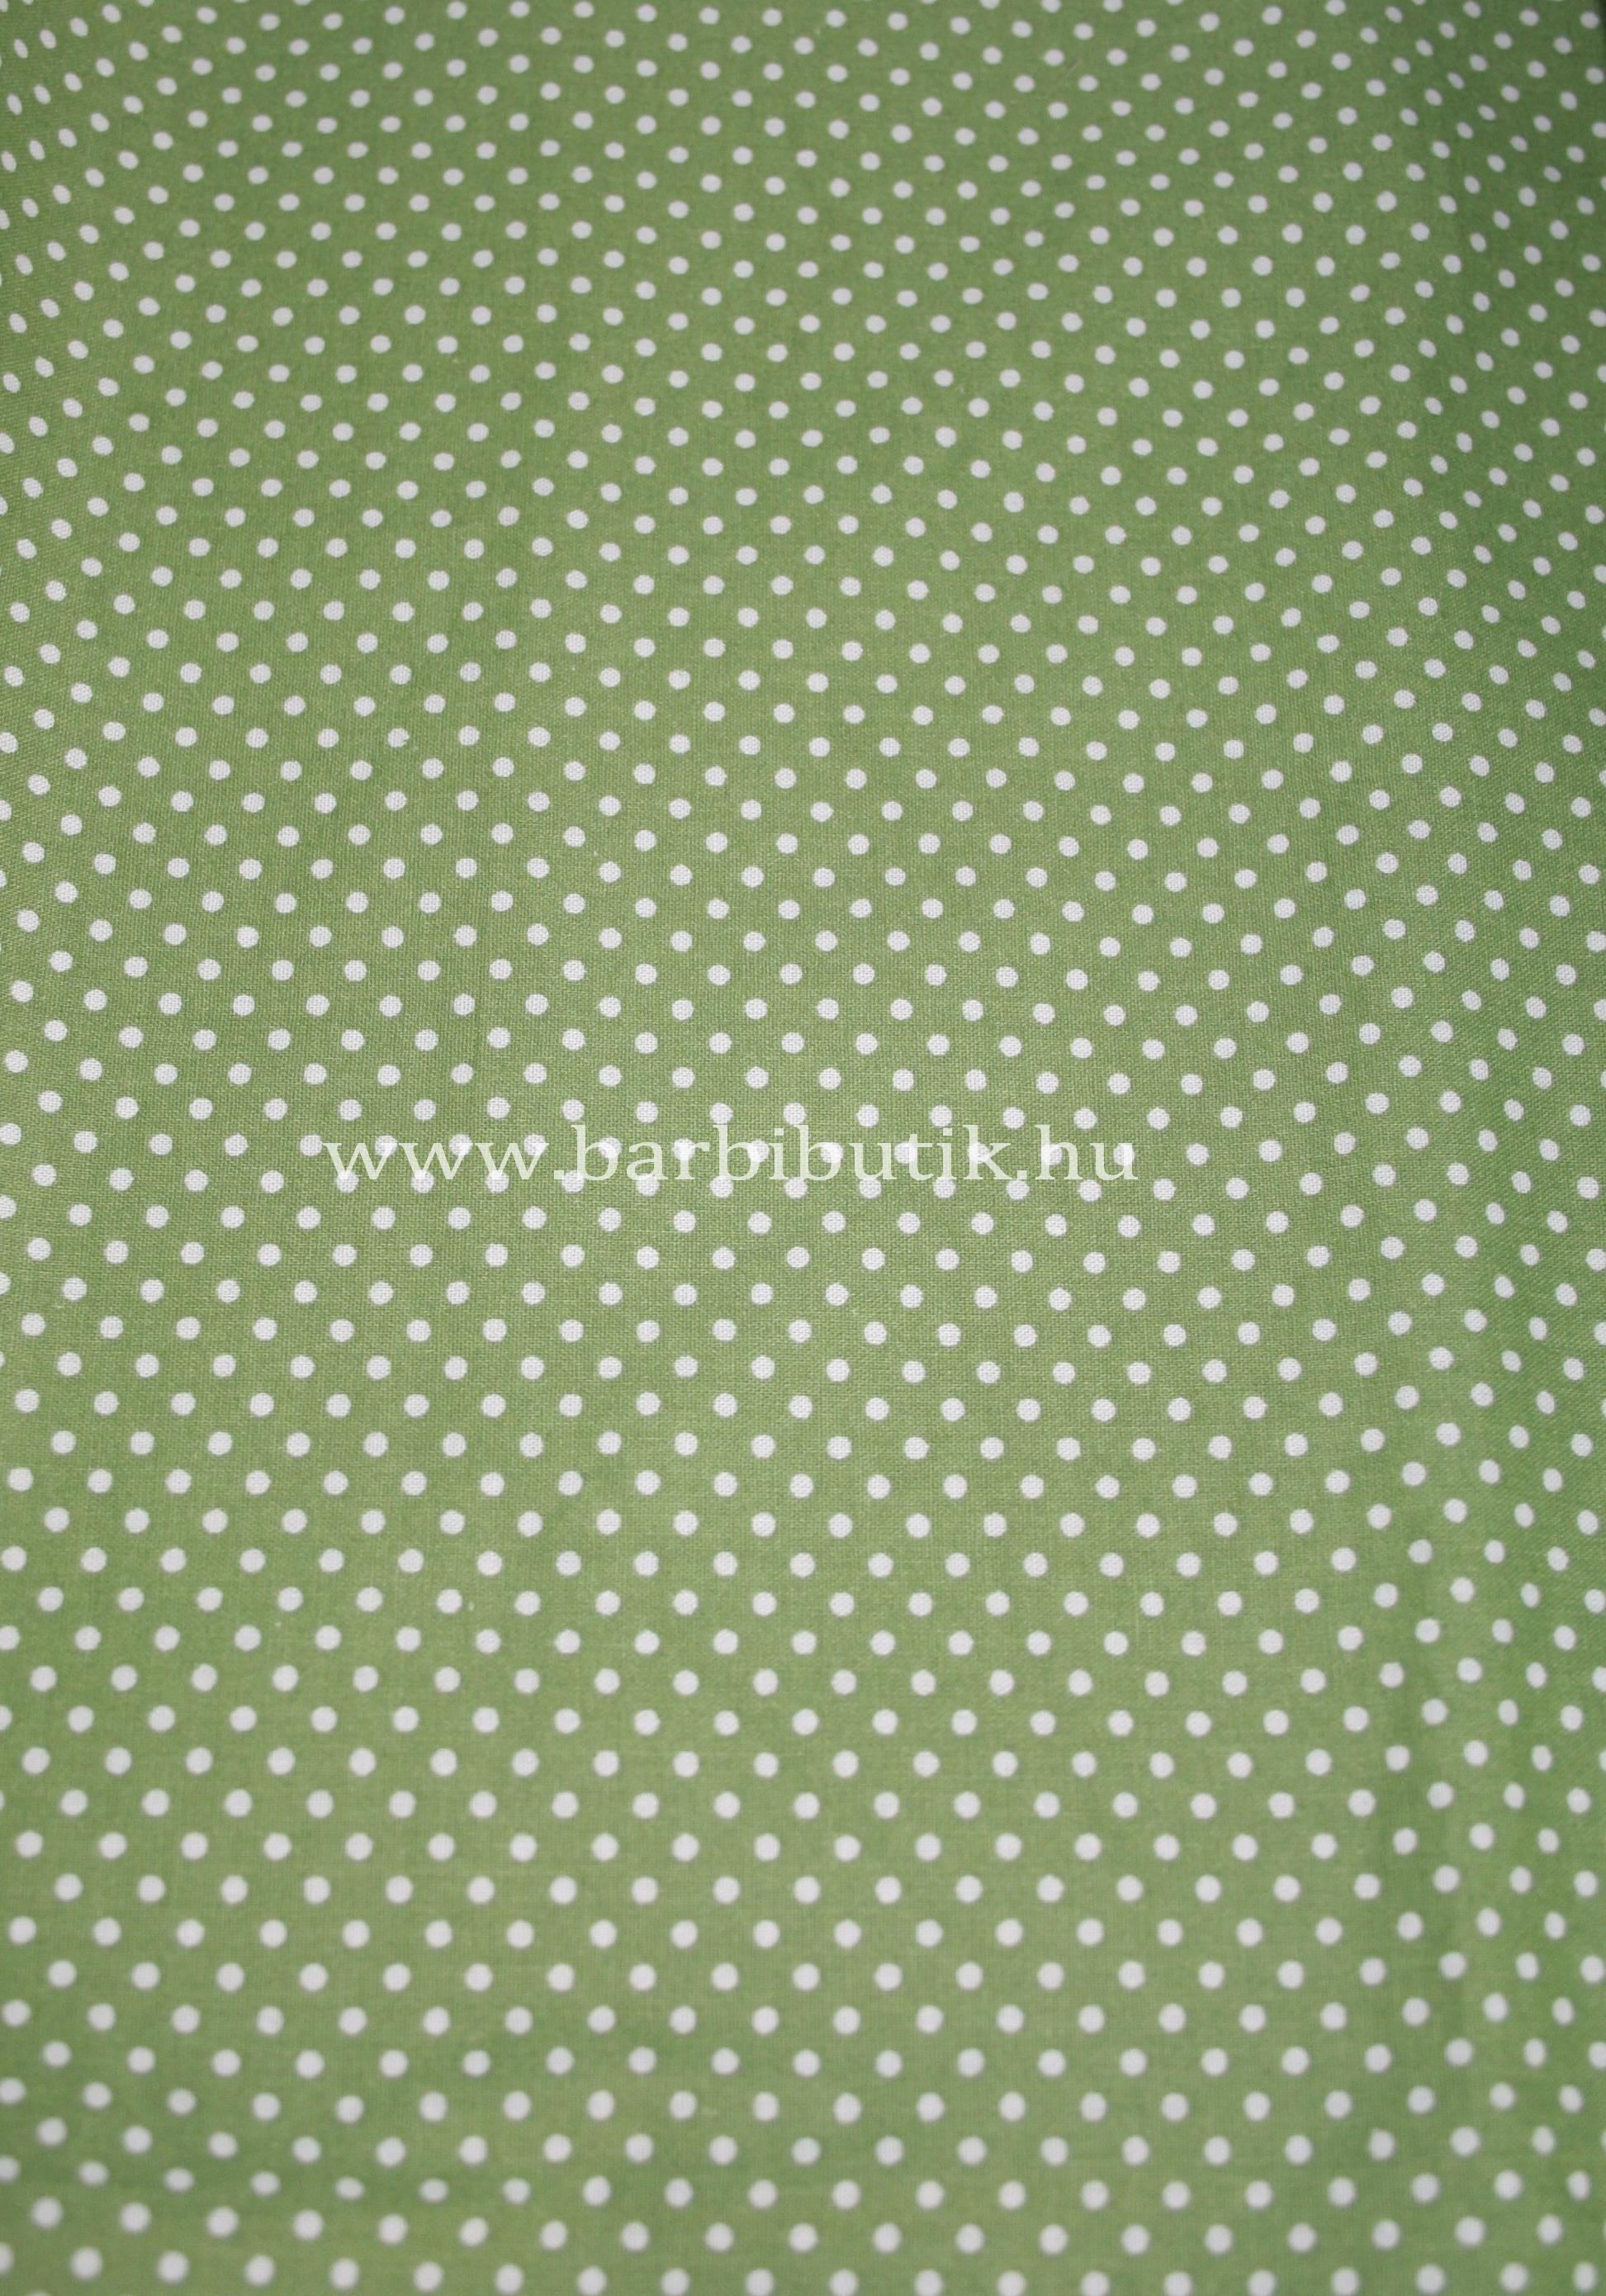 zöld textil fehér pöttyökkel